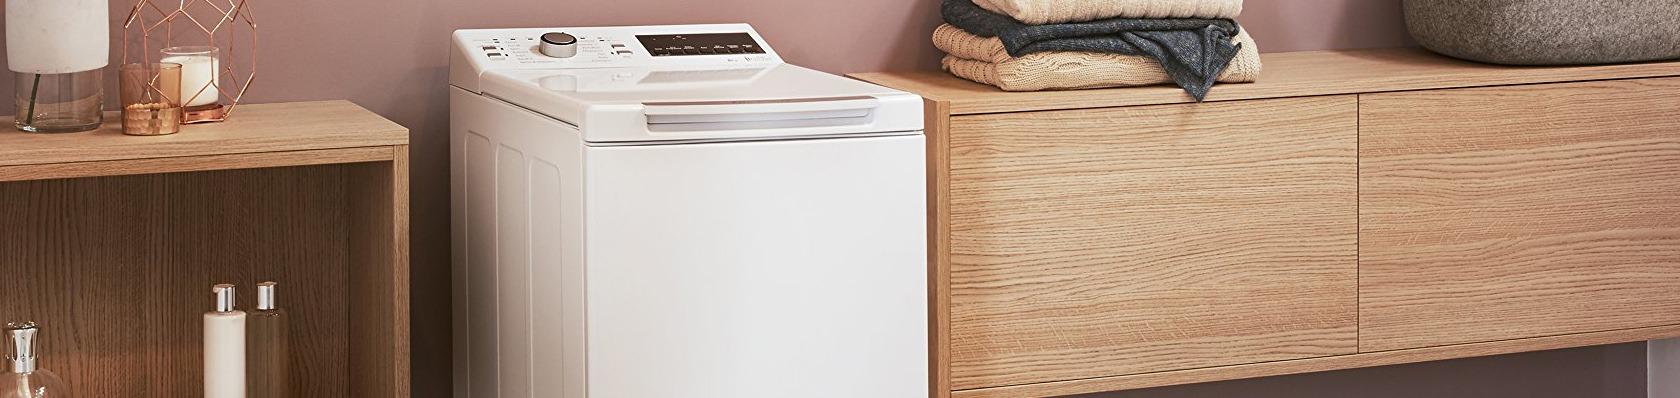 Waschmaschinen Toplader  im Test auf ExpertenTesten.de